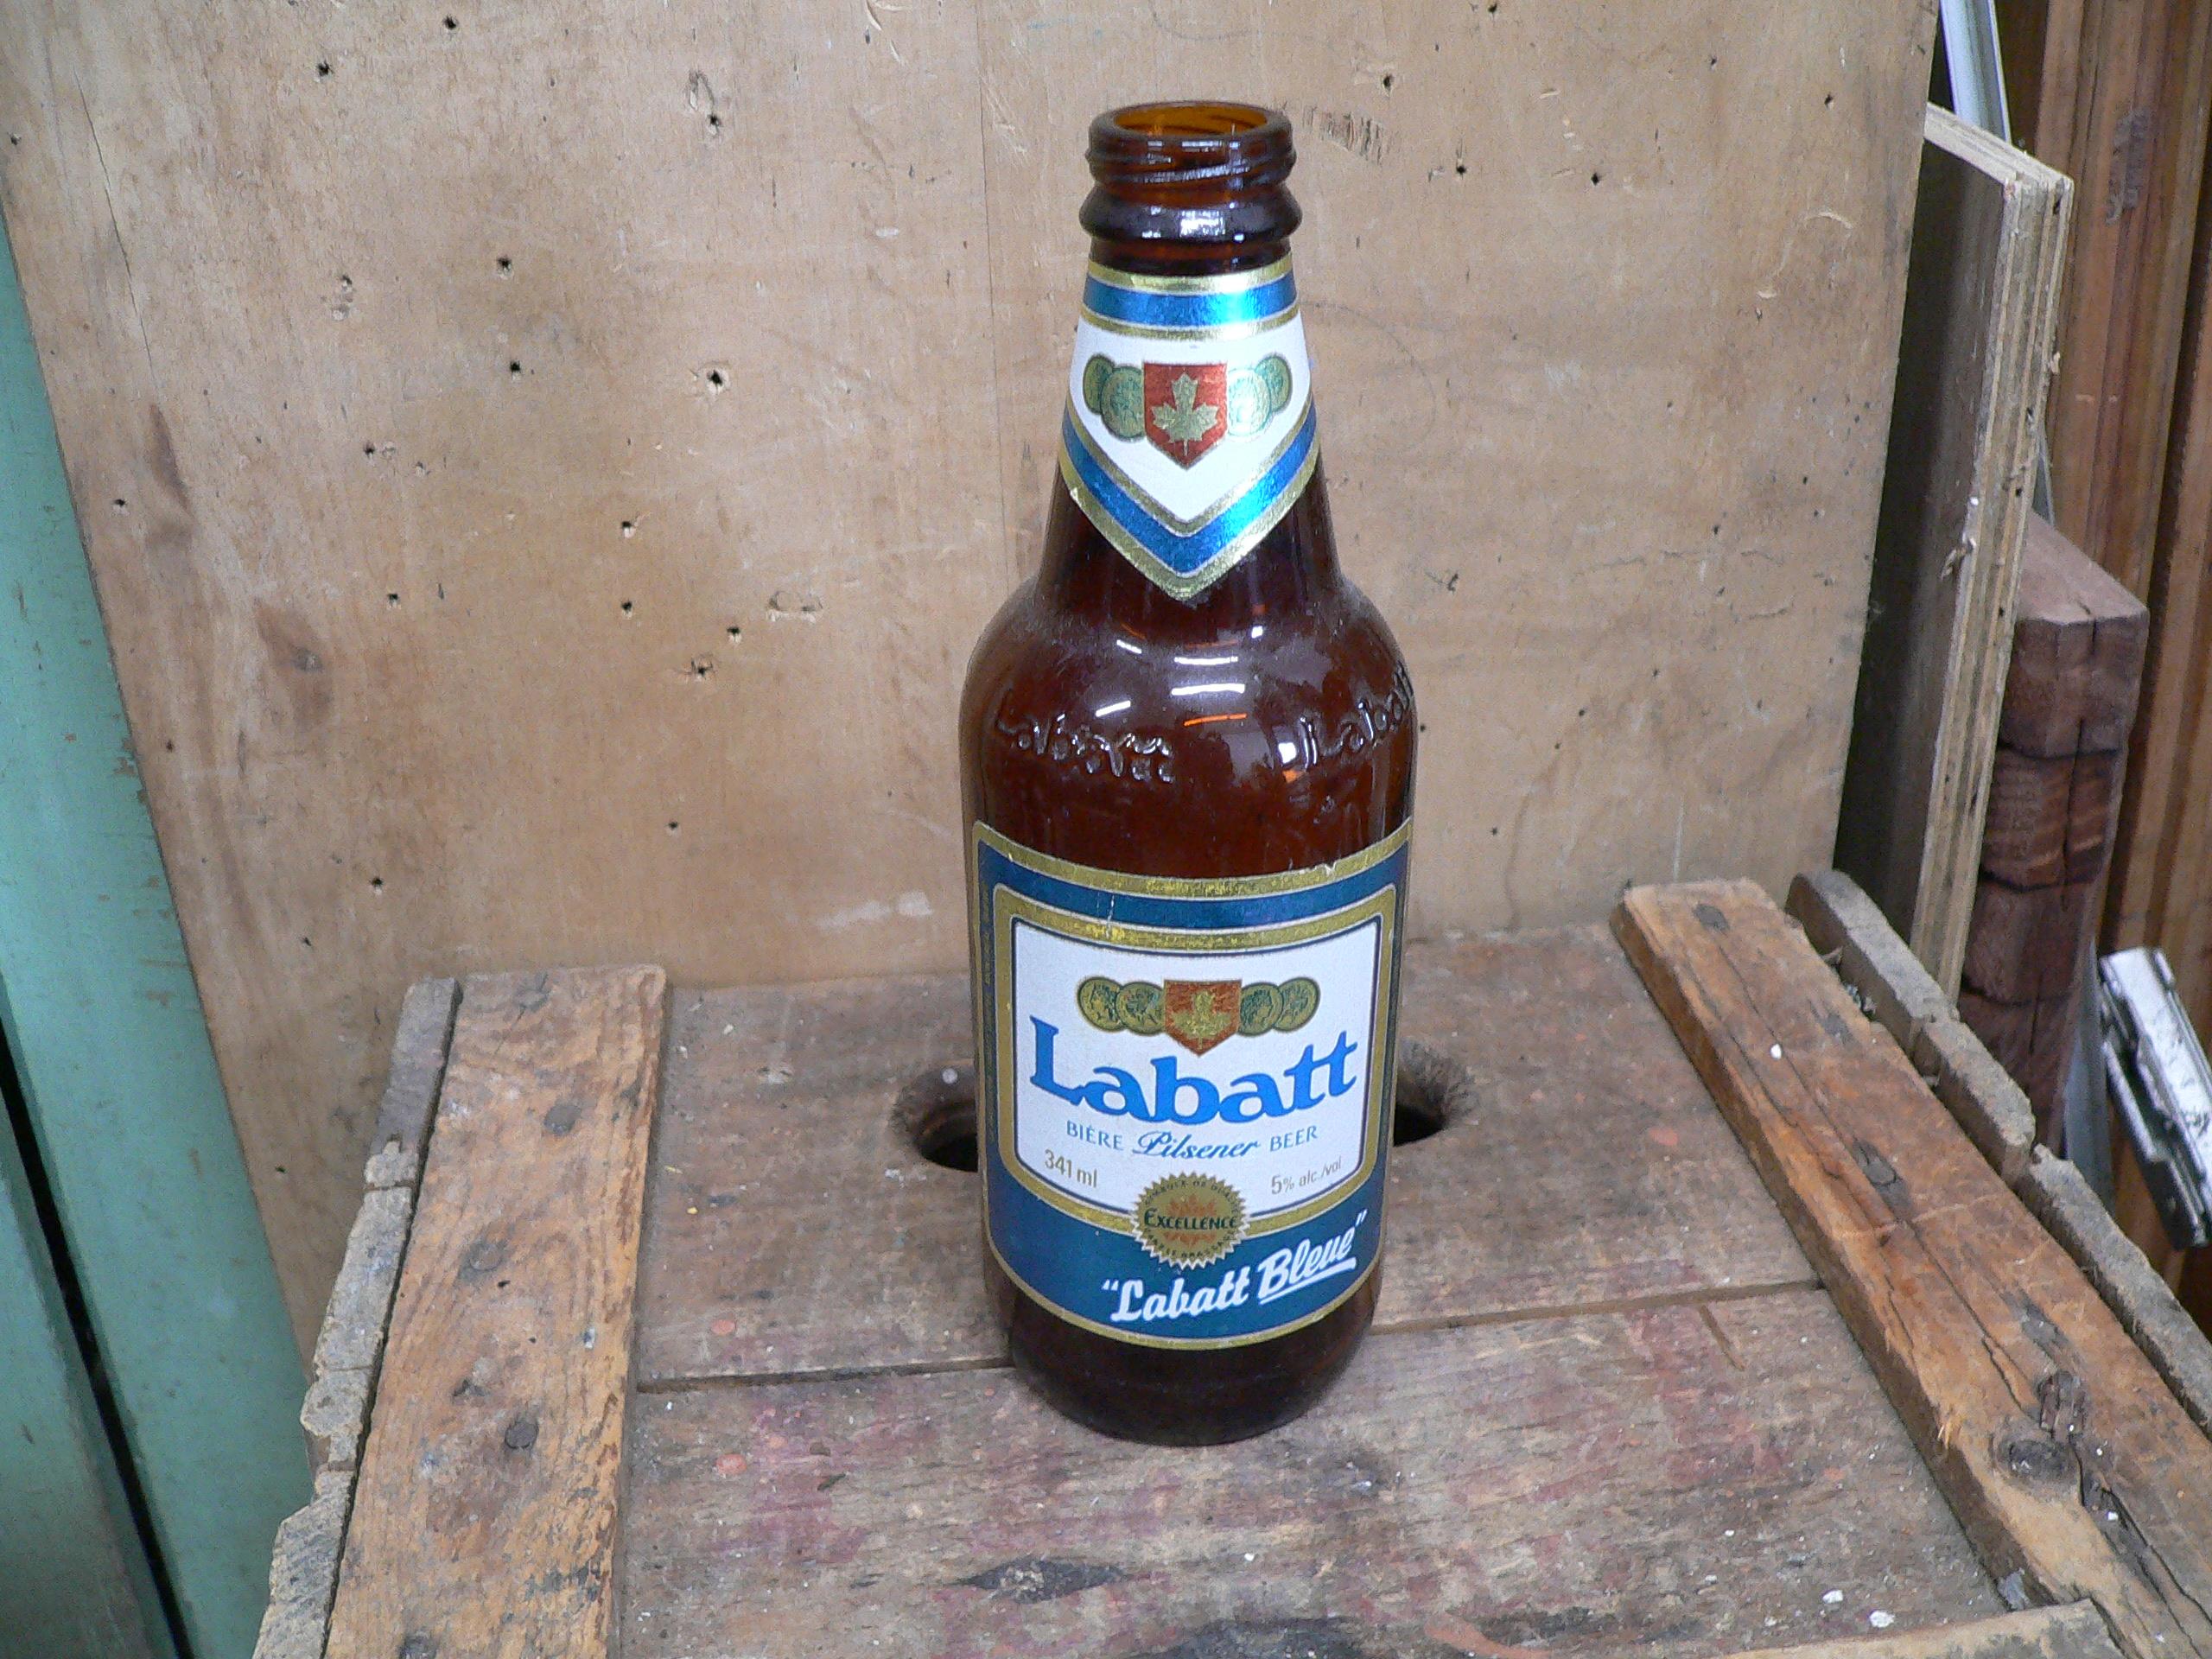 Bouteille bière labatt bleue # 6040.7